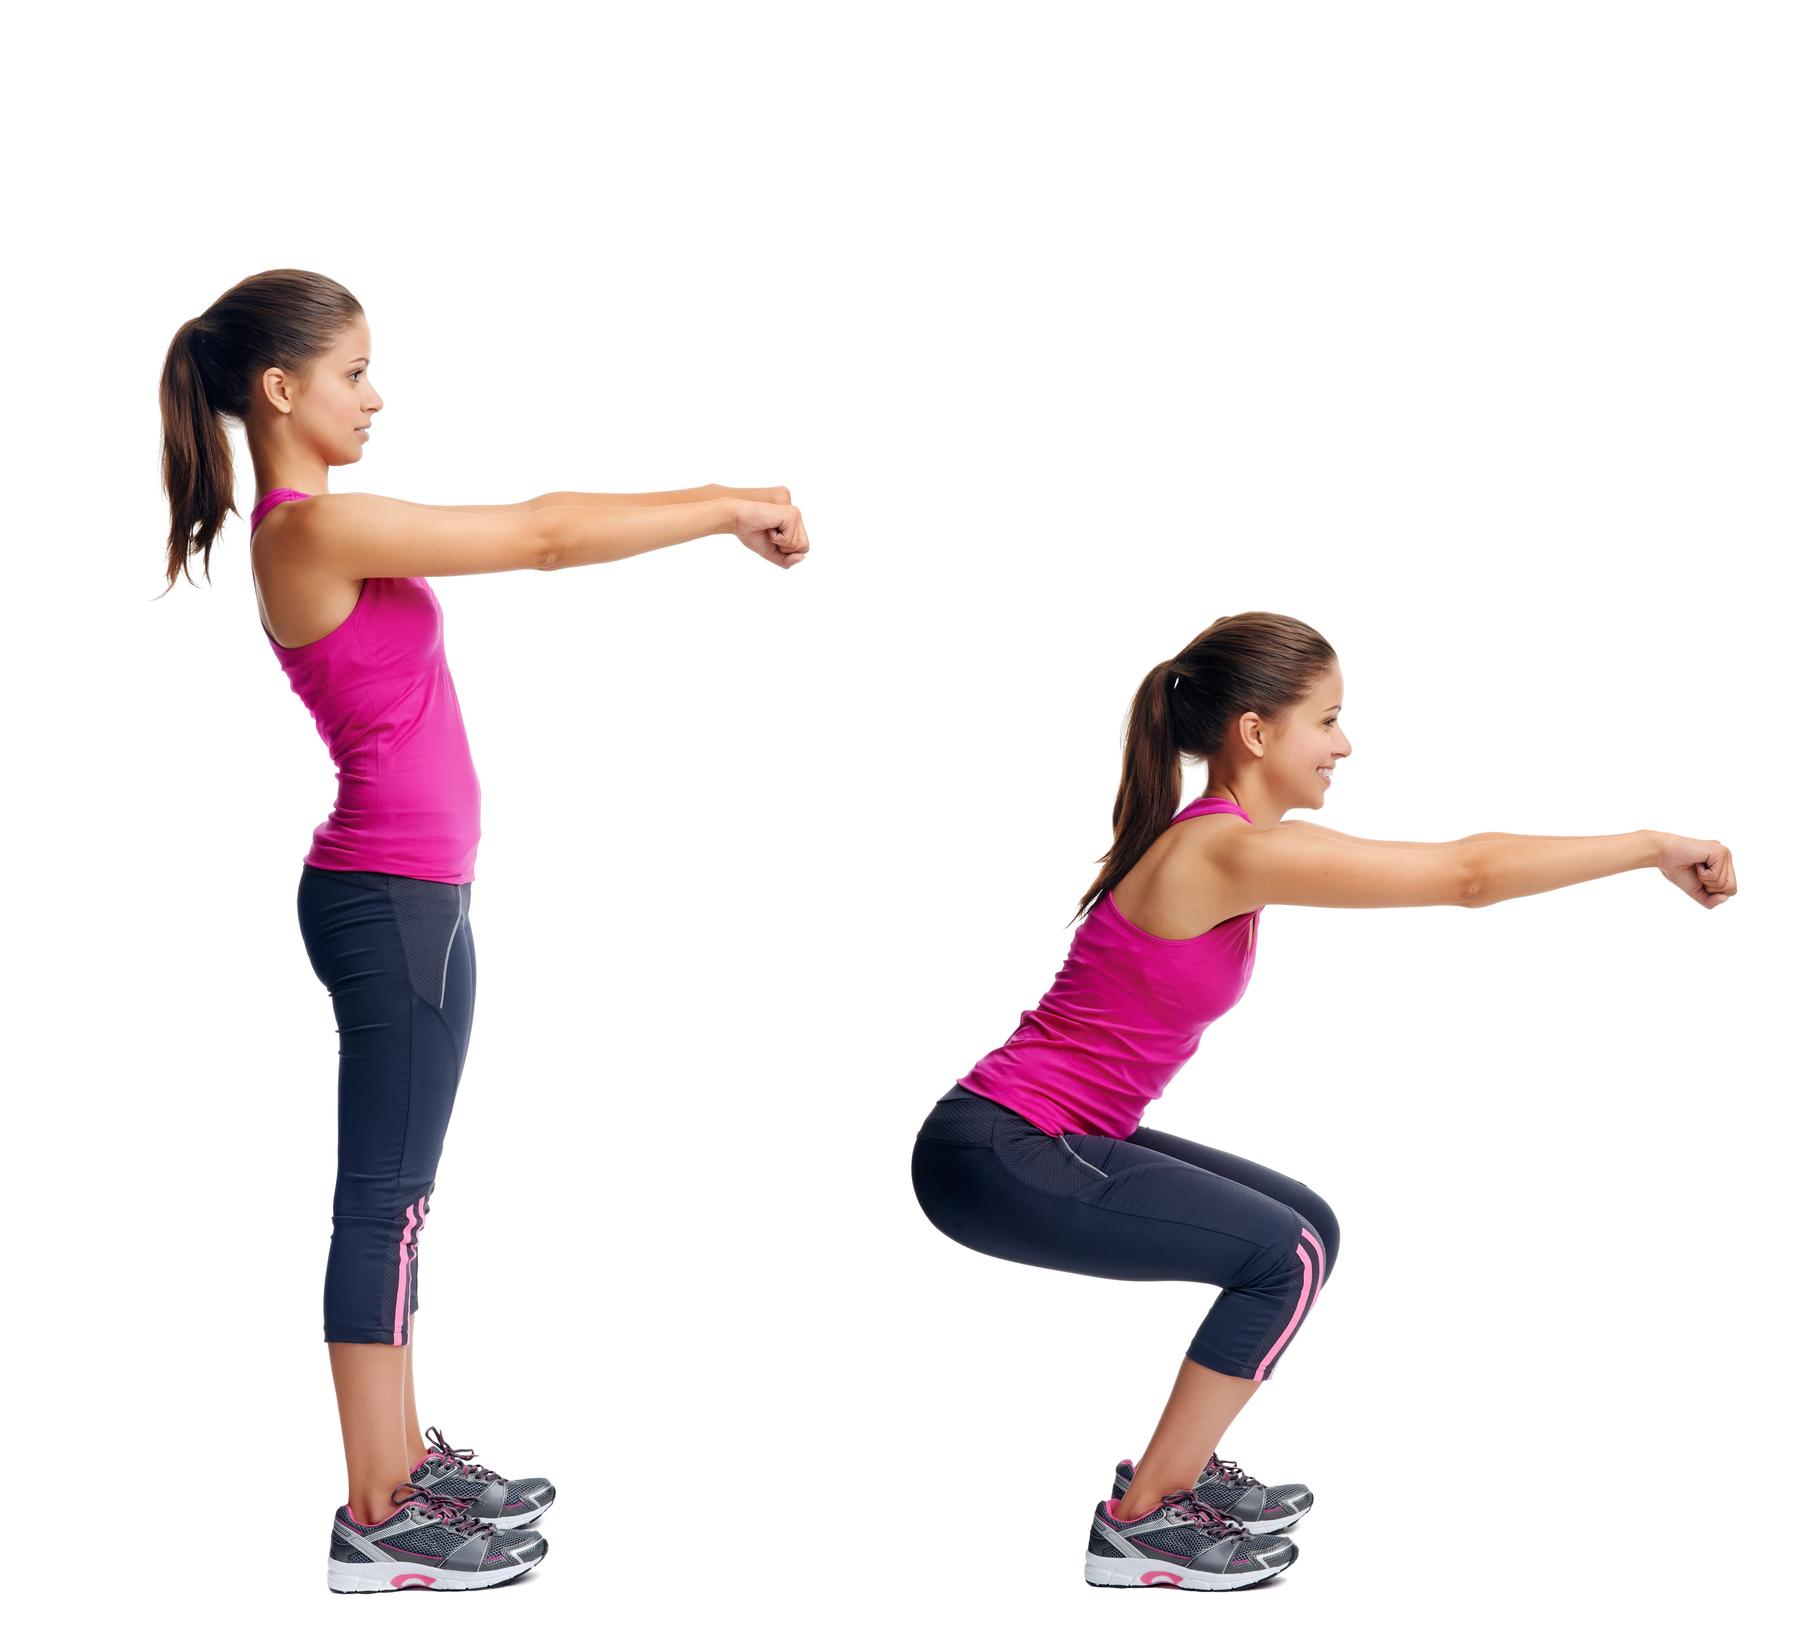 эффективные упражнения для укрепления мышц бёдер фото 3